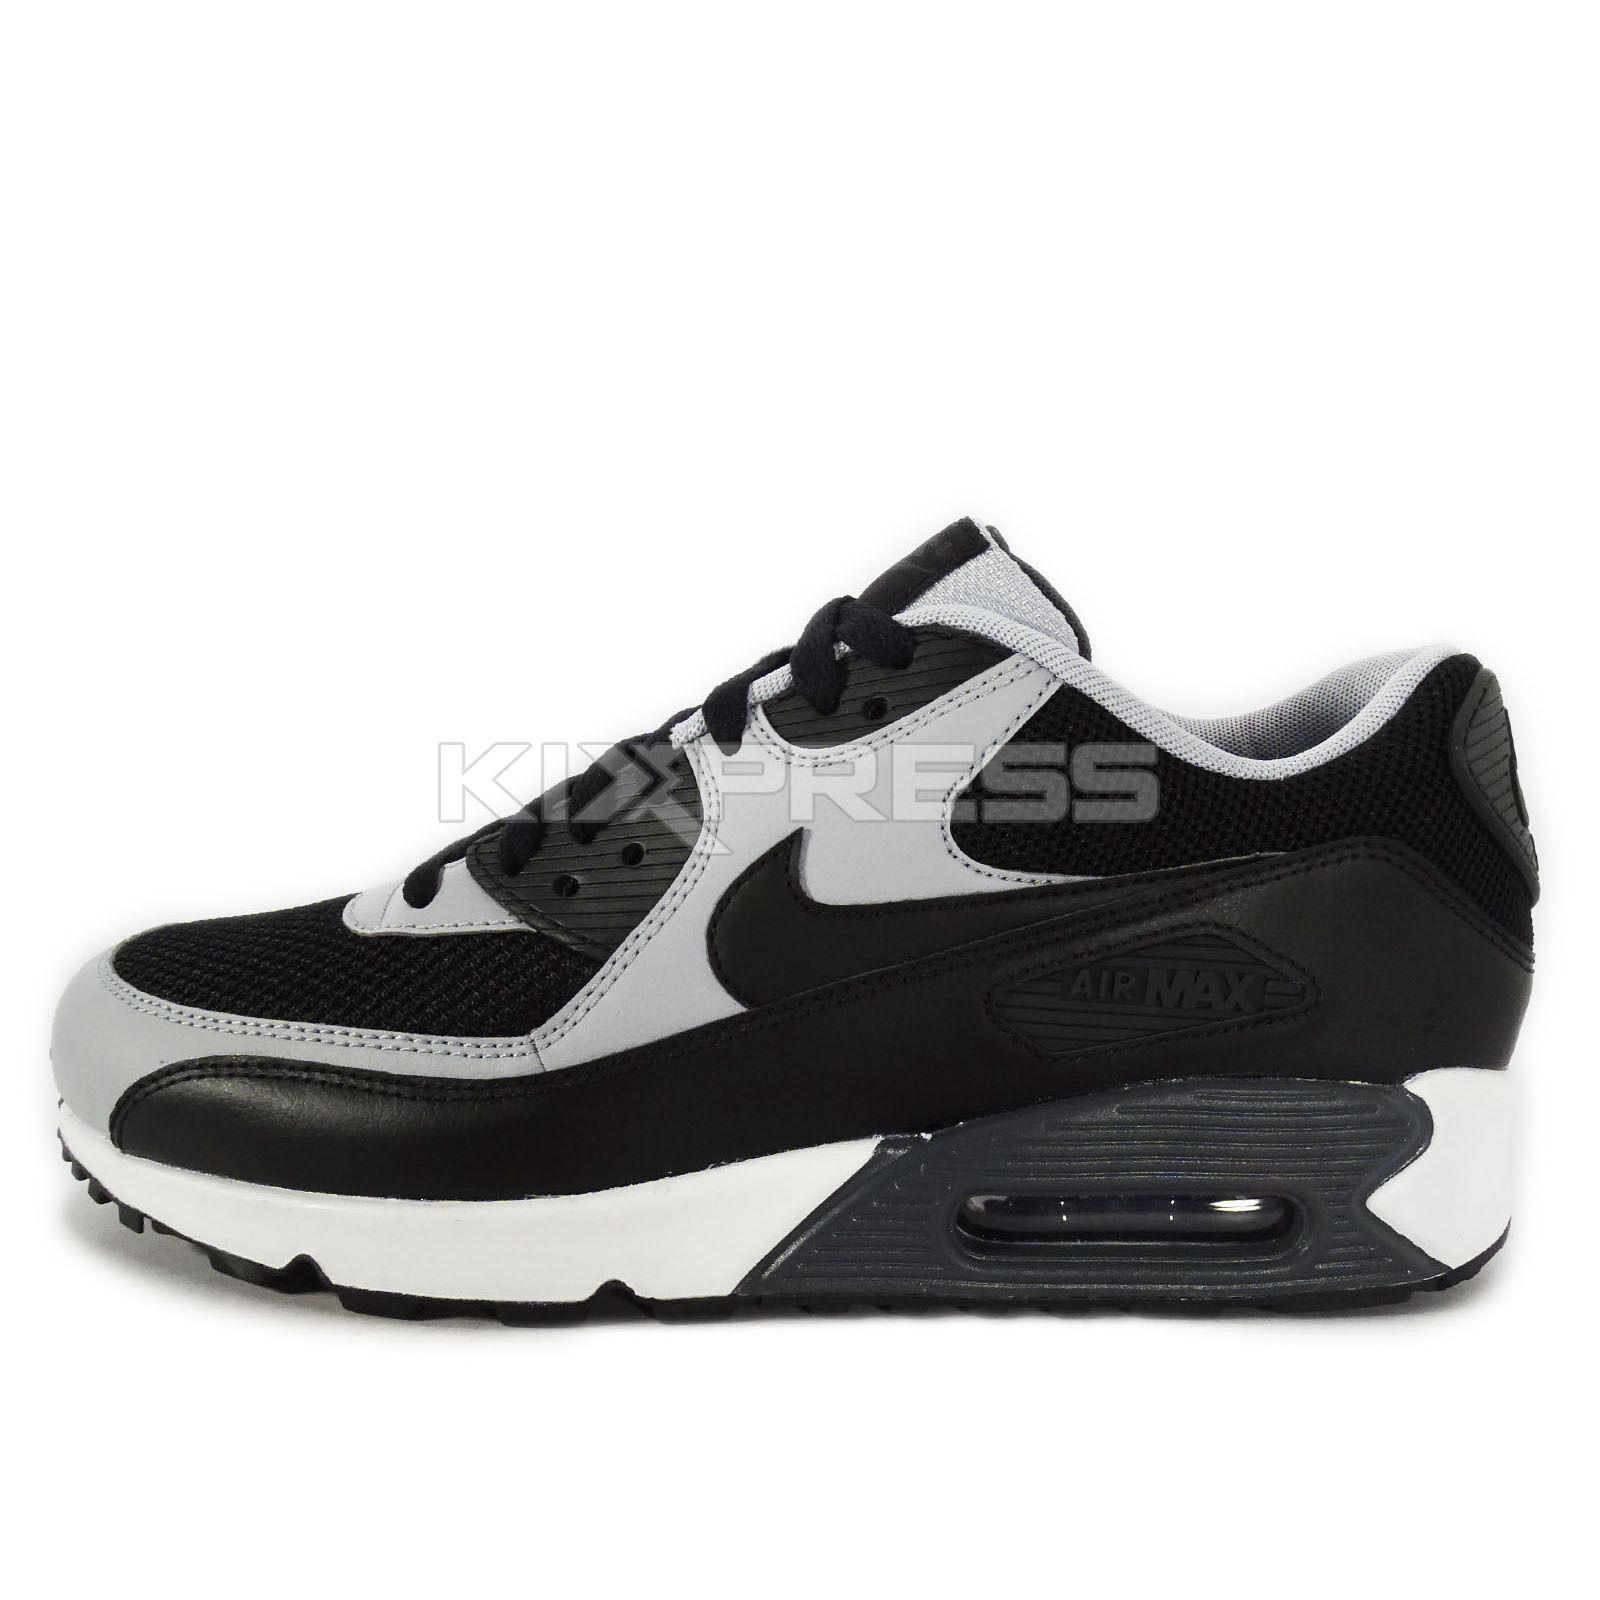 nike air max 90 essential black wolf grey